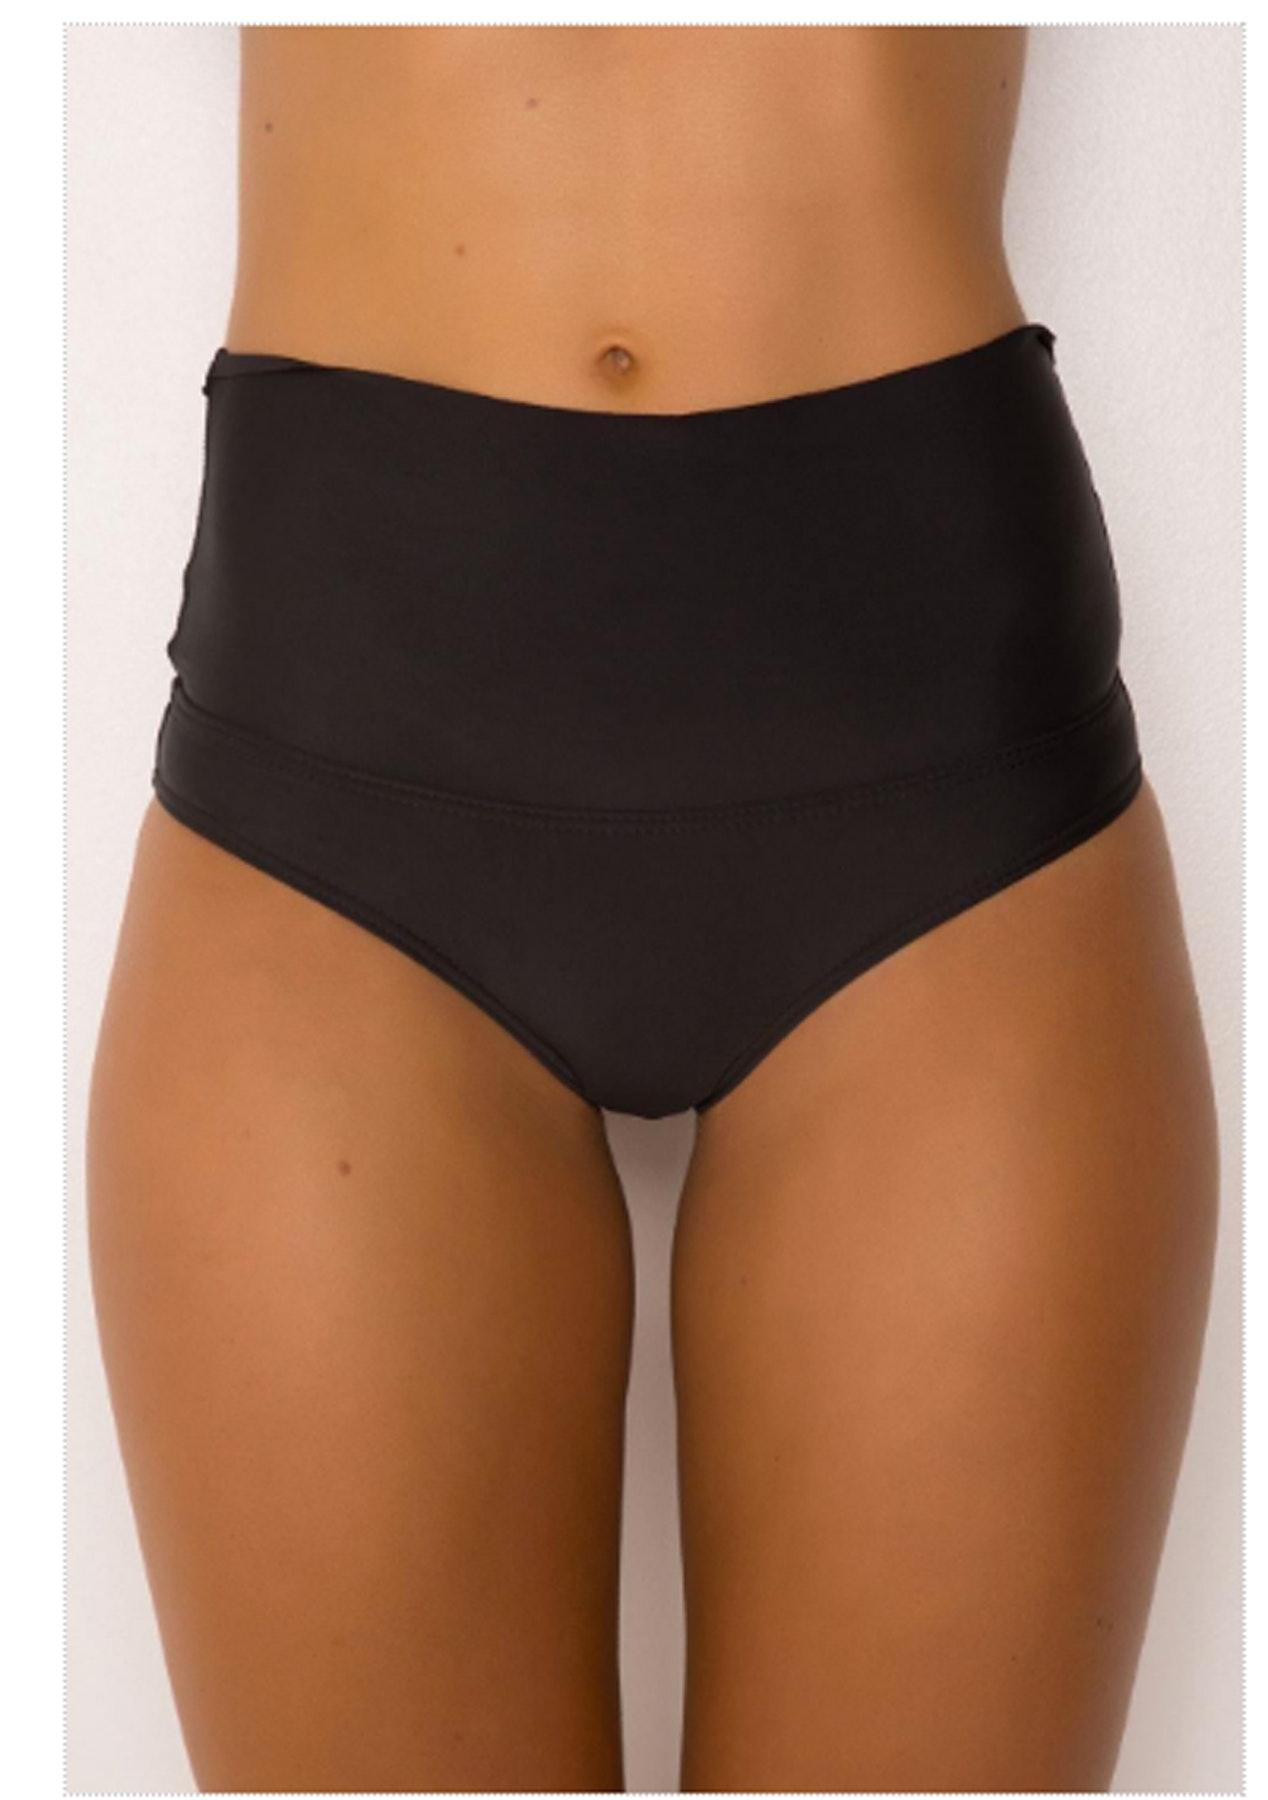 25f72a883a4e8 Sheridyn Swim - HIGH WAIST BIKINI BOTTOMS BLACK - Sheridyn Swimwear From   9.95 - Onceit